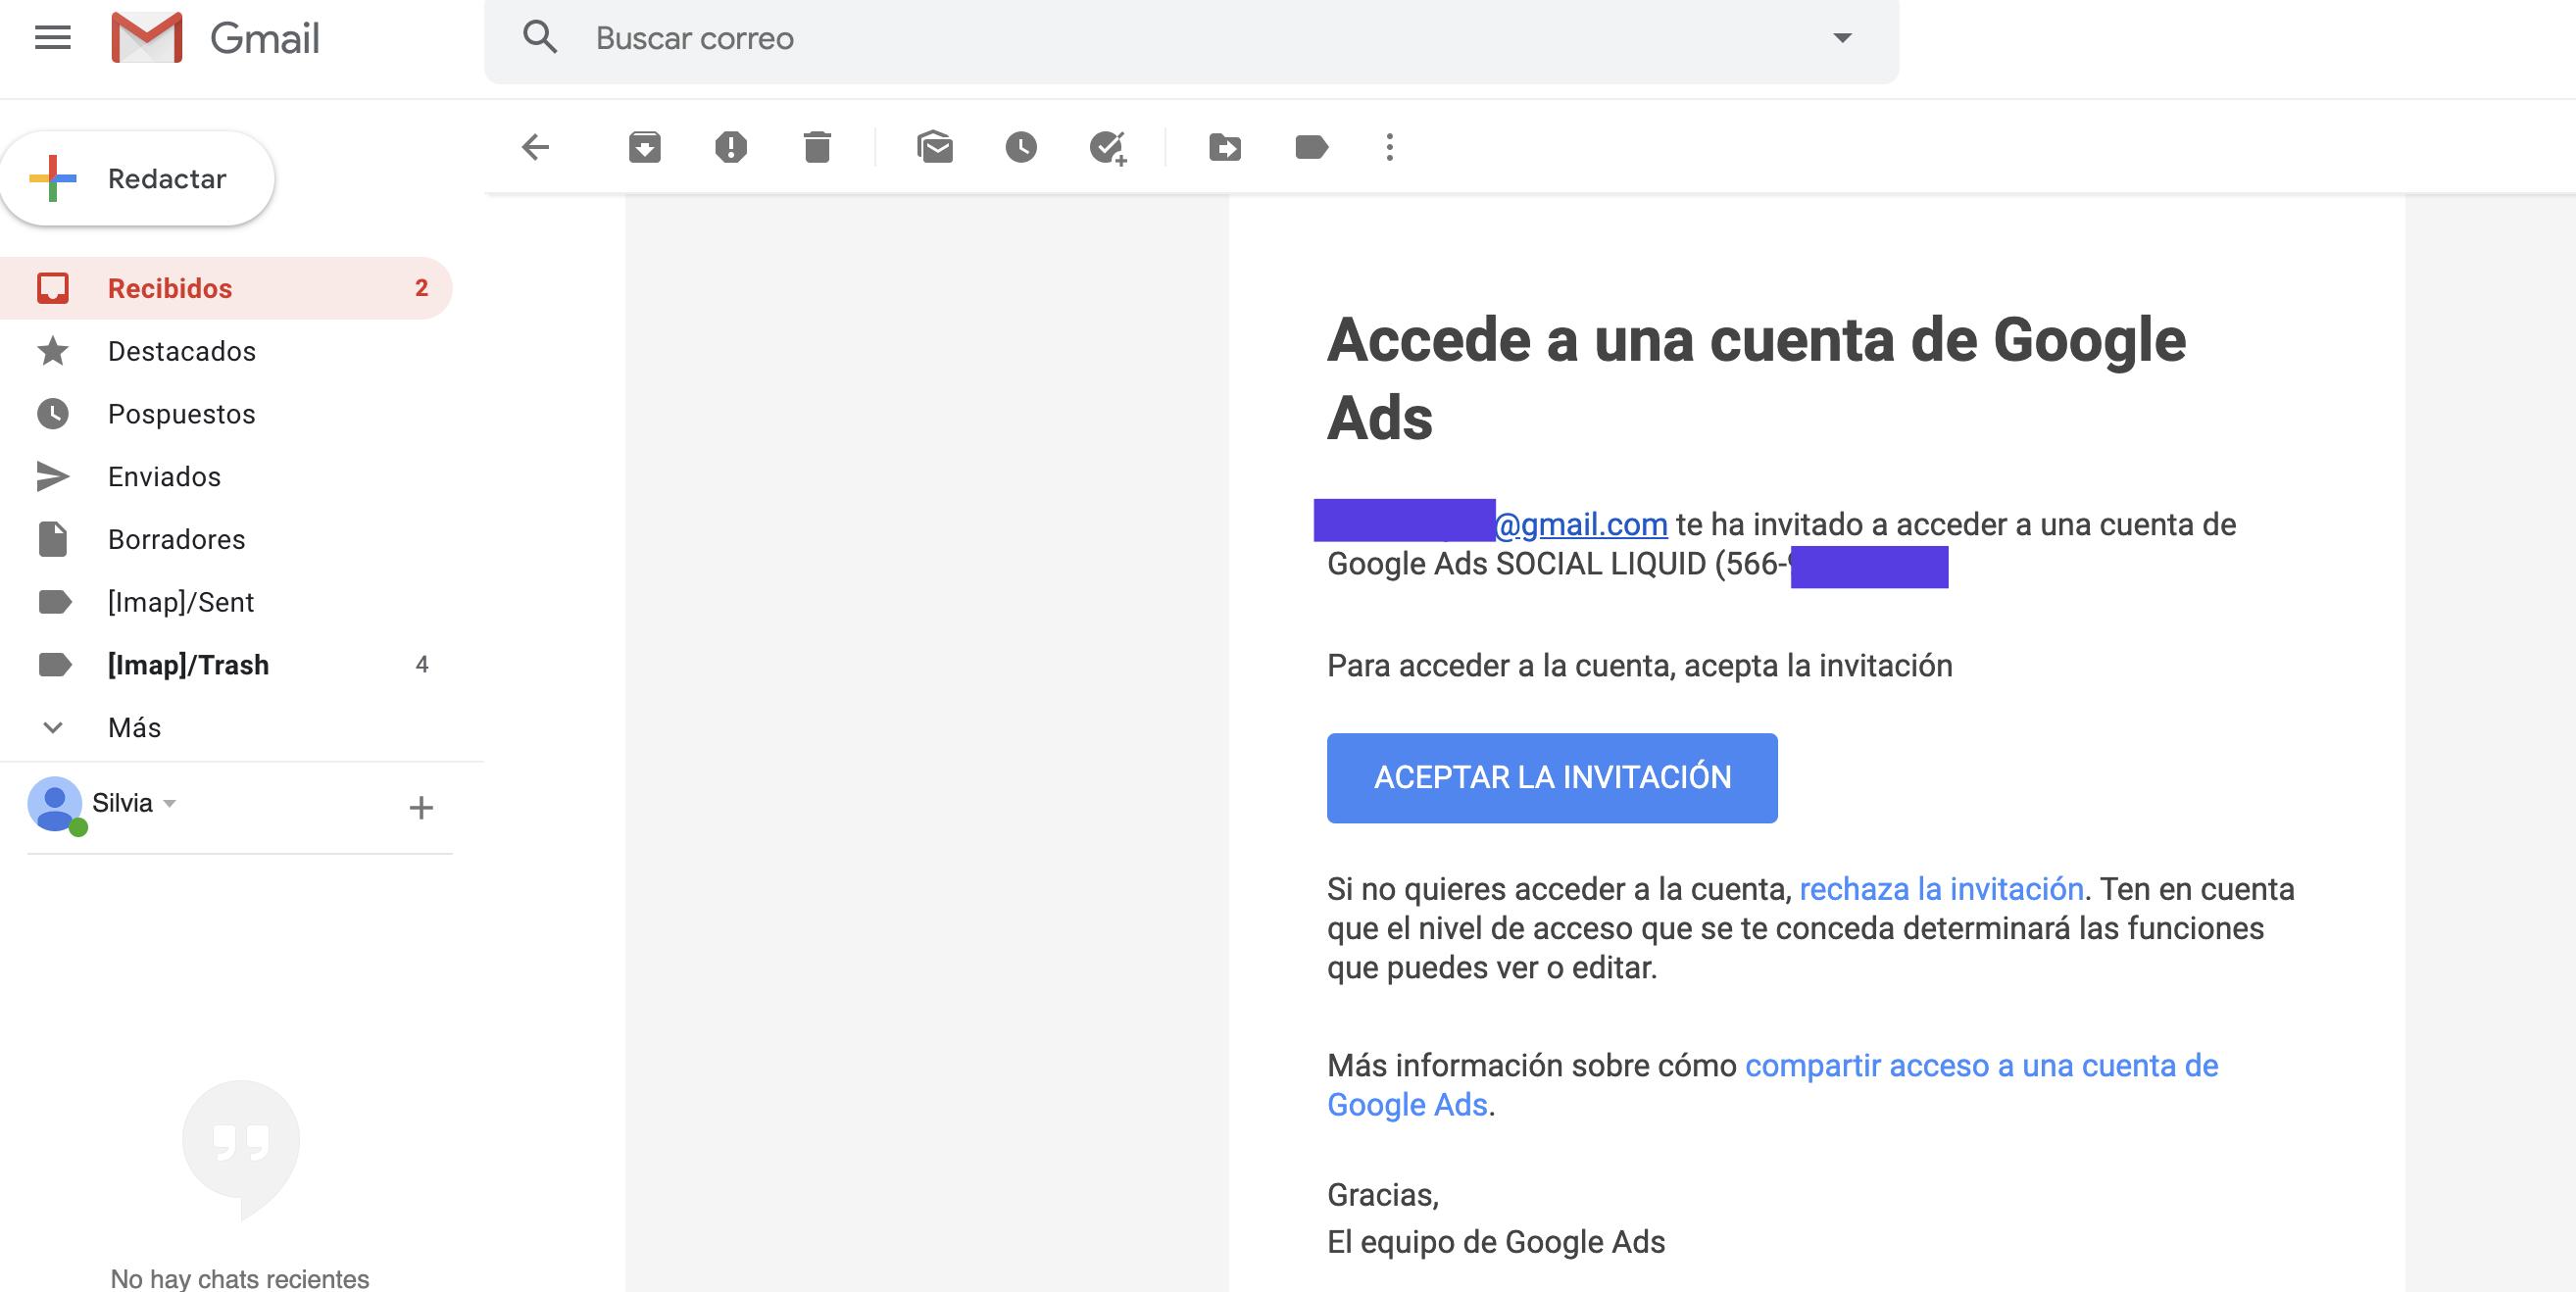 Google Ads: cómo dar acceso con tu cuenta a una agencia